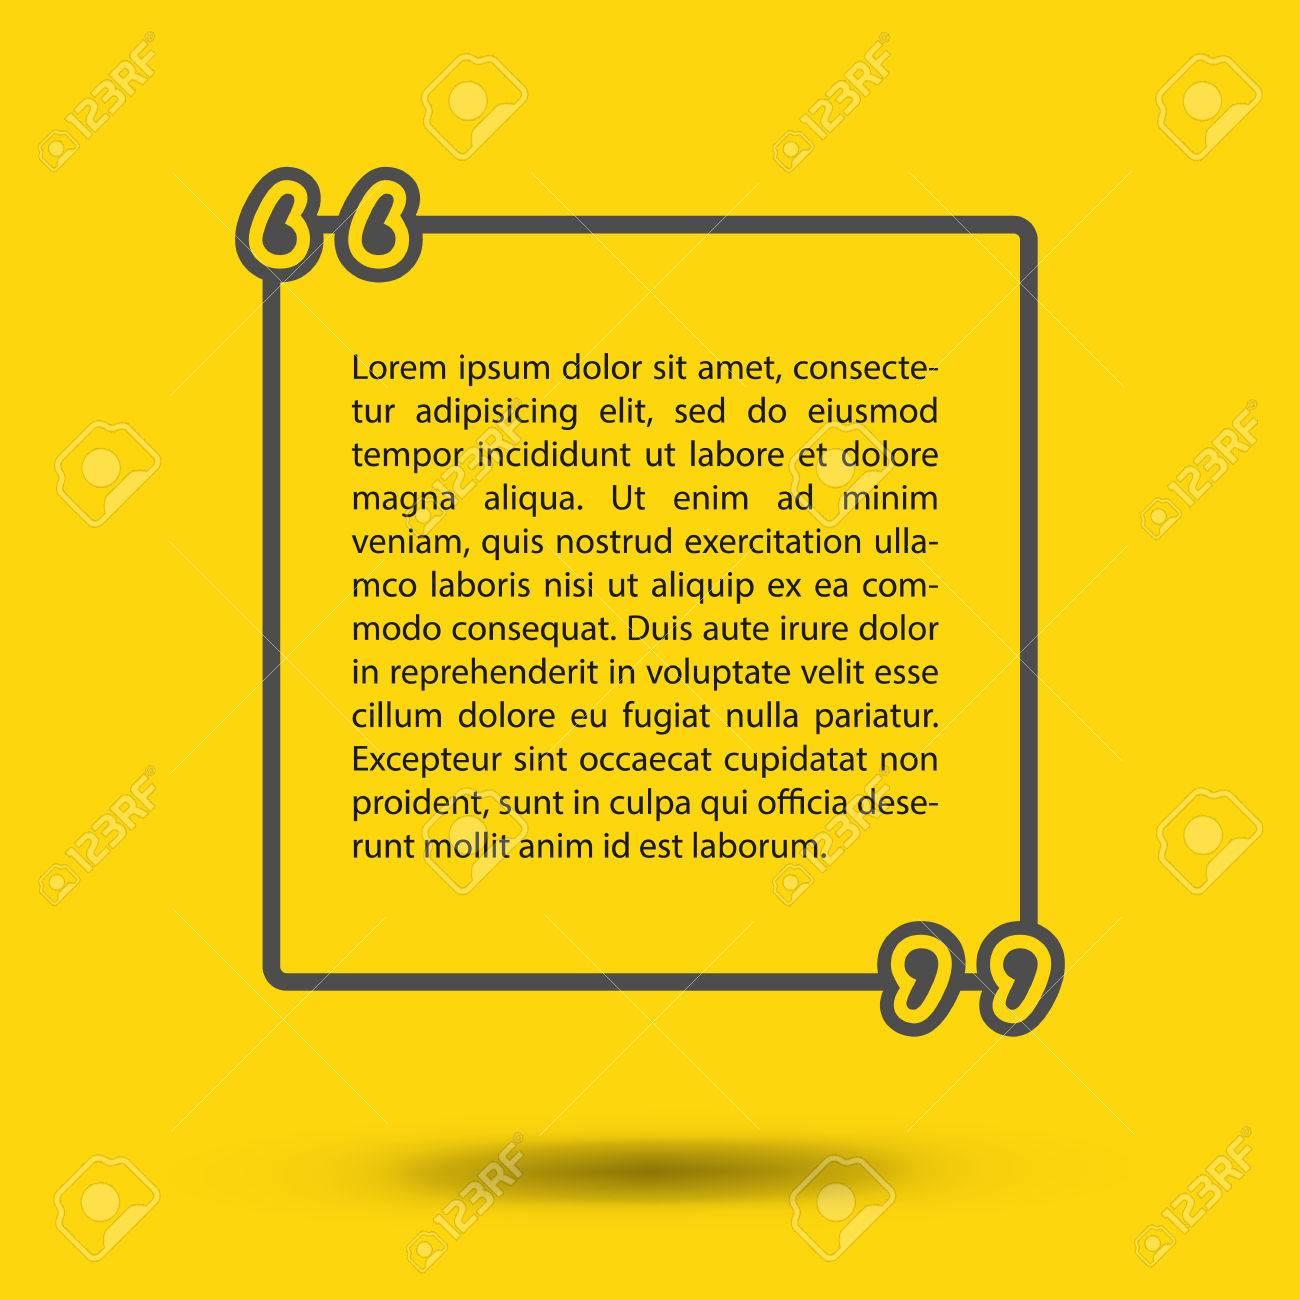 Citation Modele Vierge Vide De Carte Visite Feuille Papier Des Informations Du Texte Imprimer La Conception